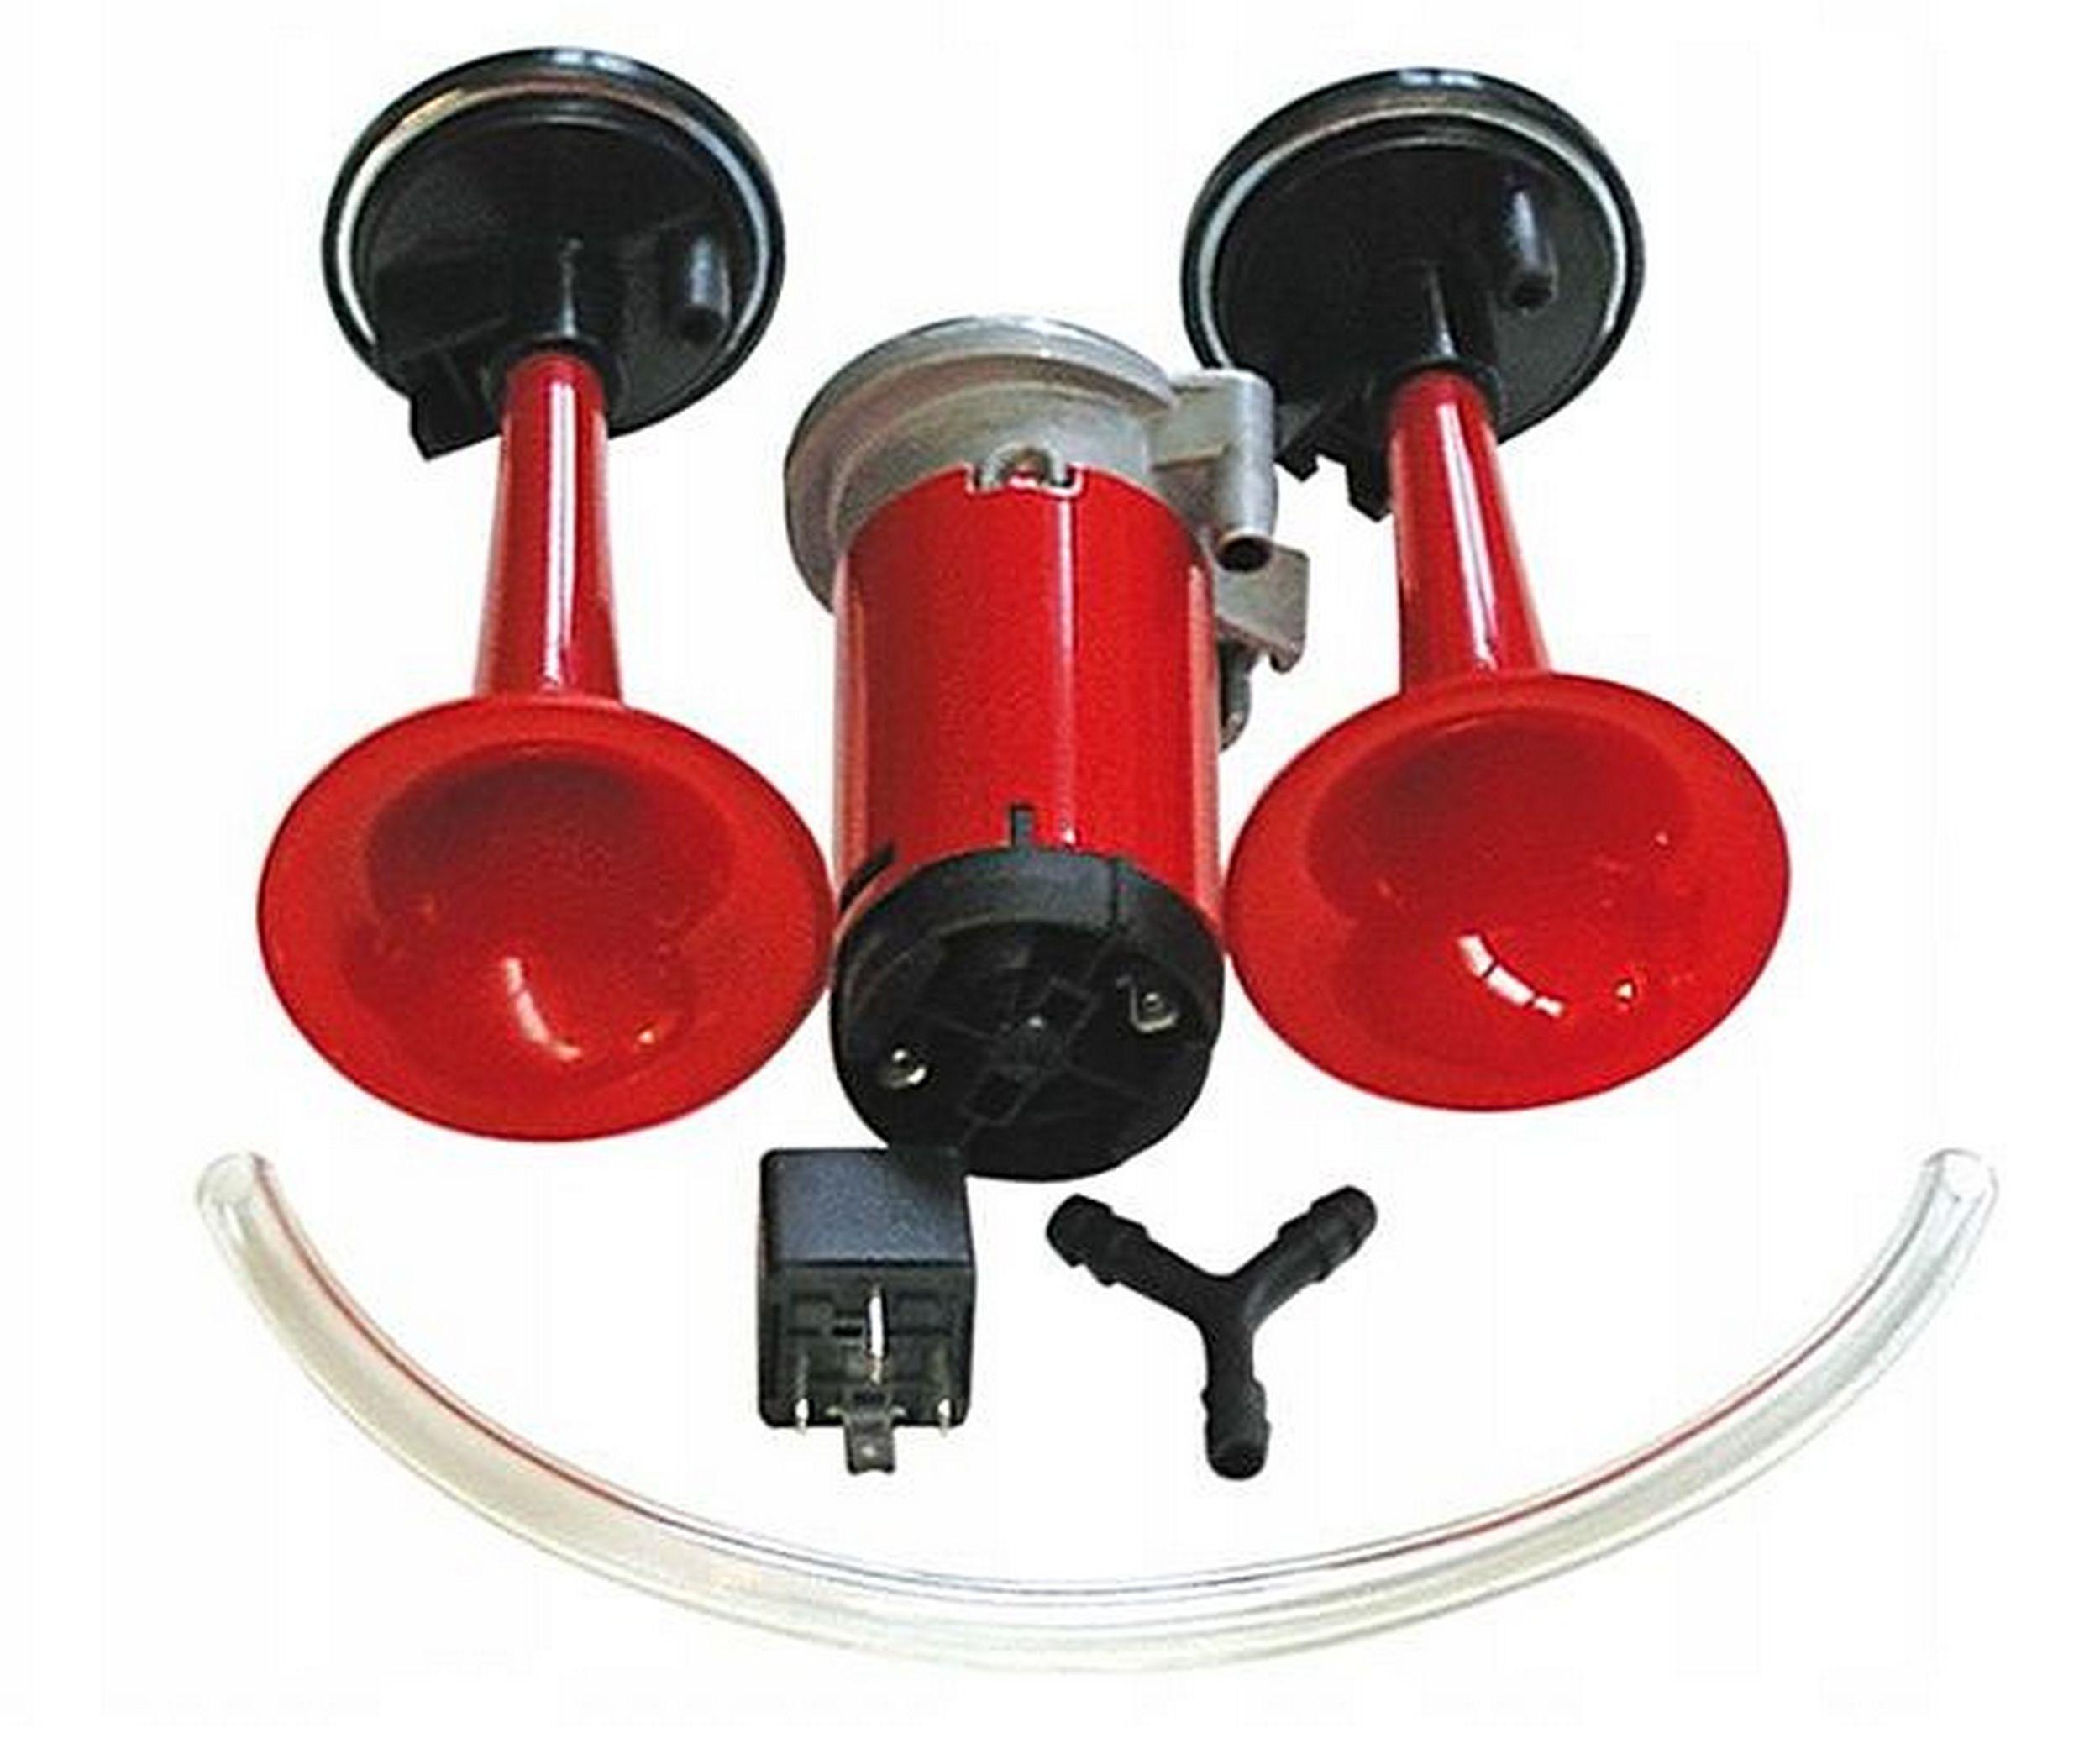 клаксон звуковой сигнал z компрессором труба громкая 12v